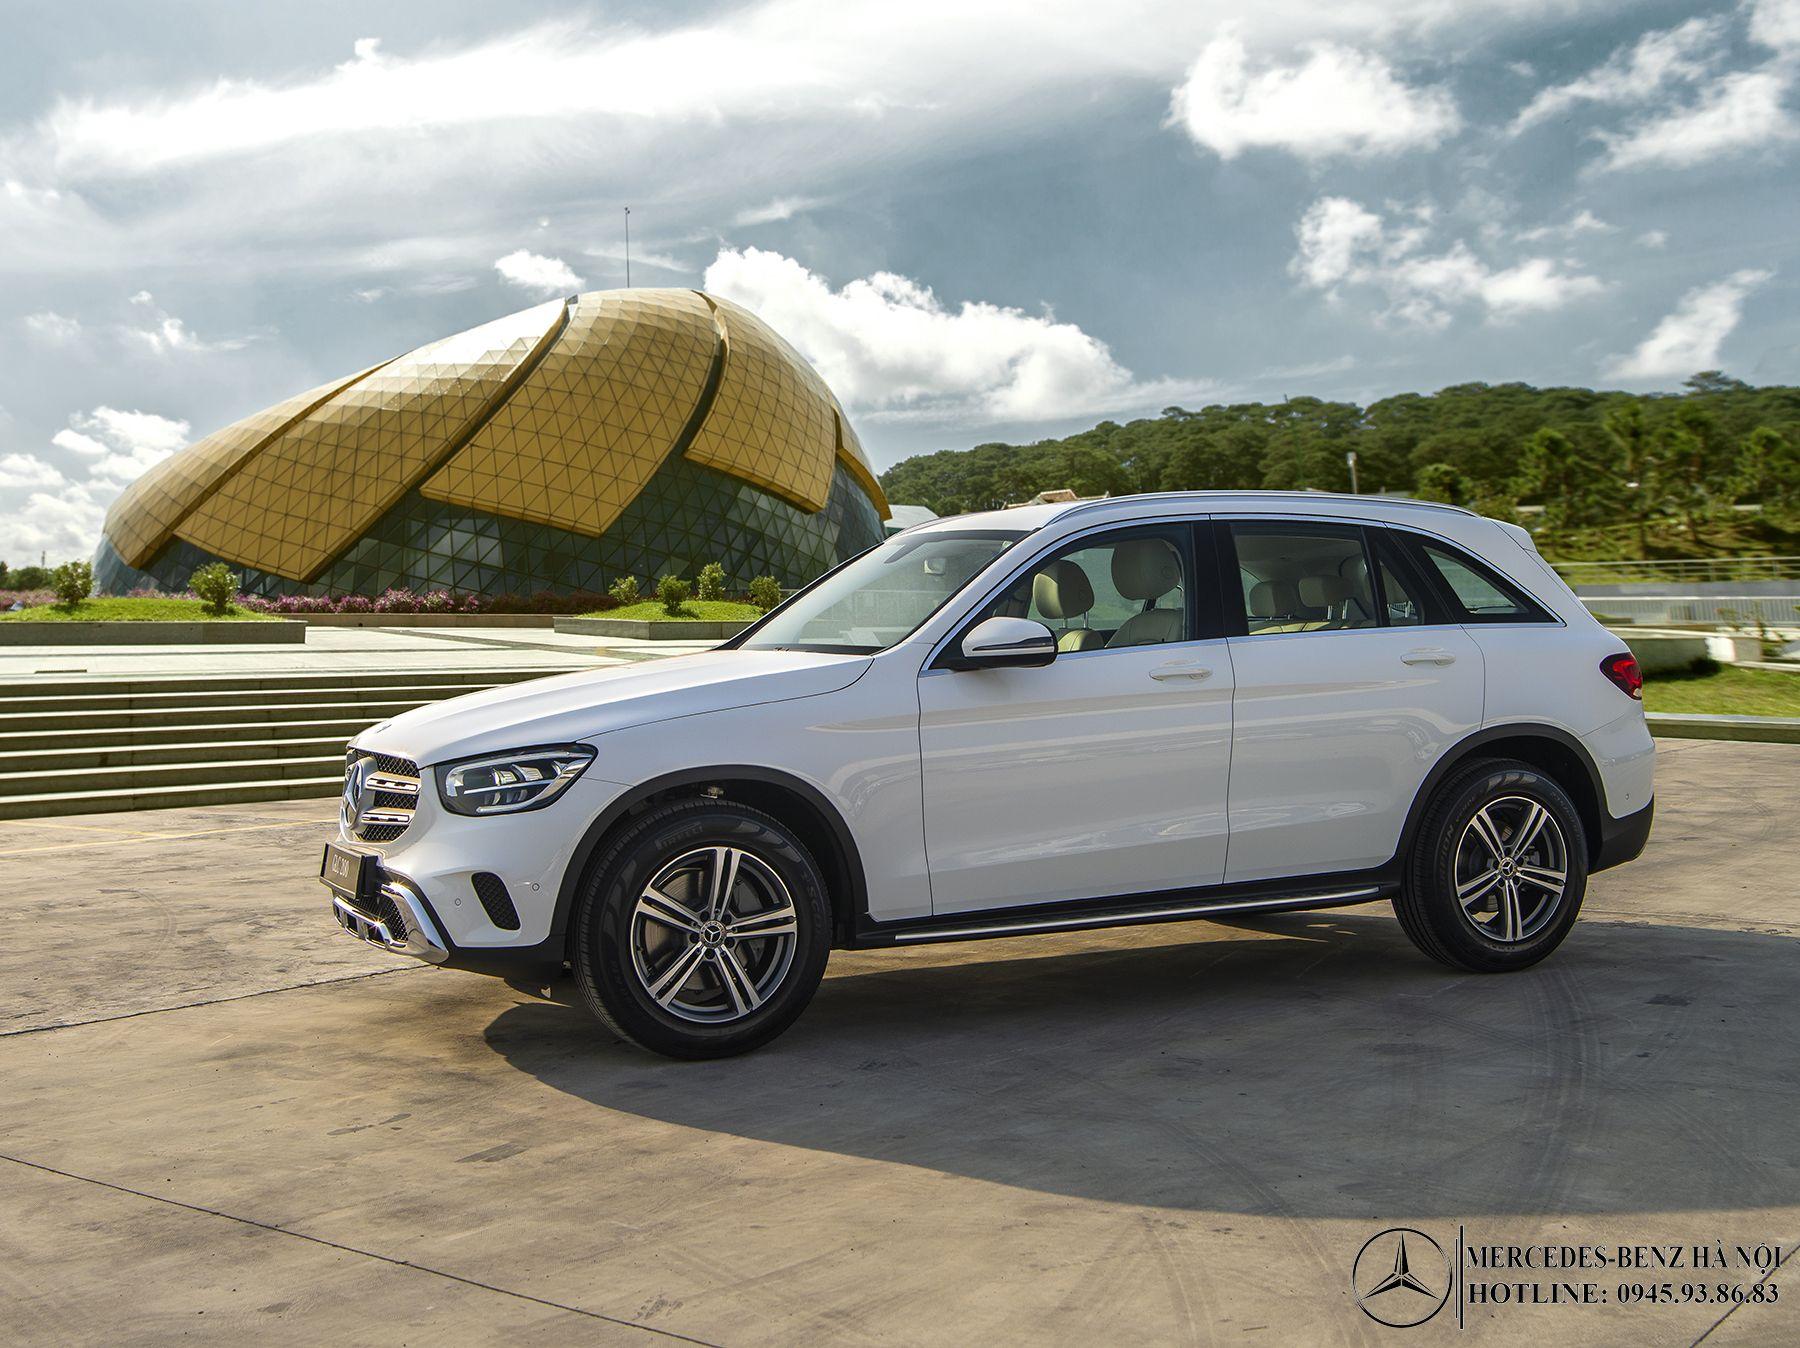 dau-xe-Mercedes-Benz-GLC-200-2020_mercedeshanoi-com-vn (2)